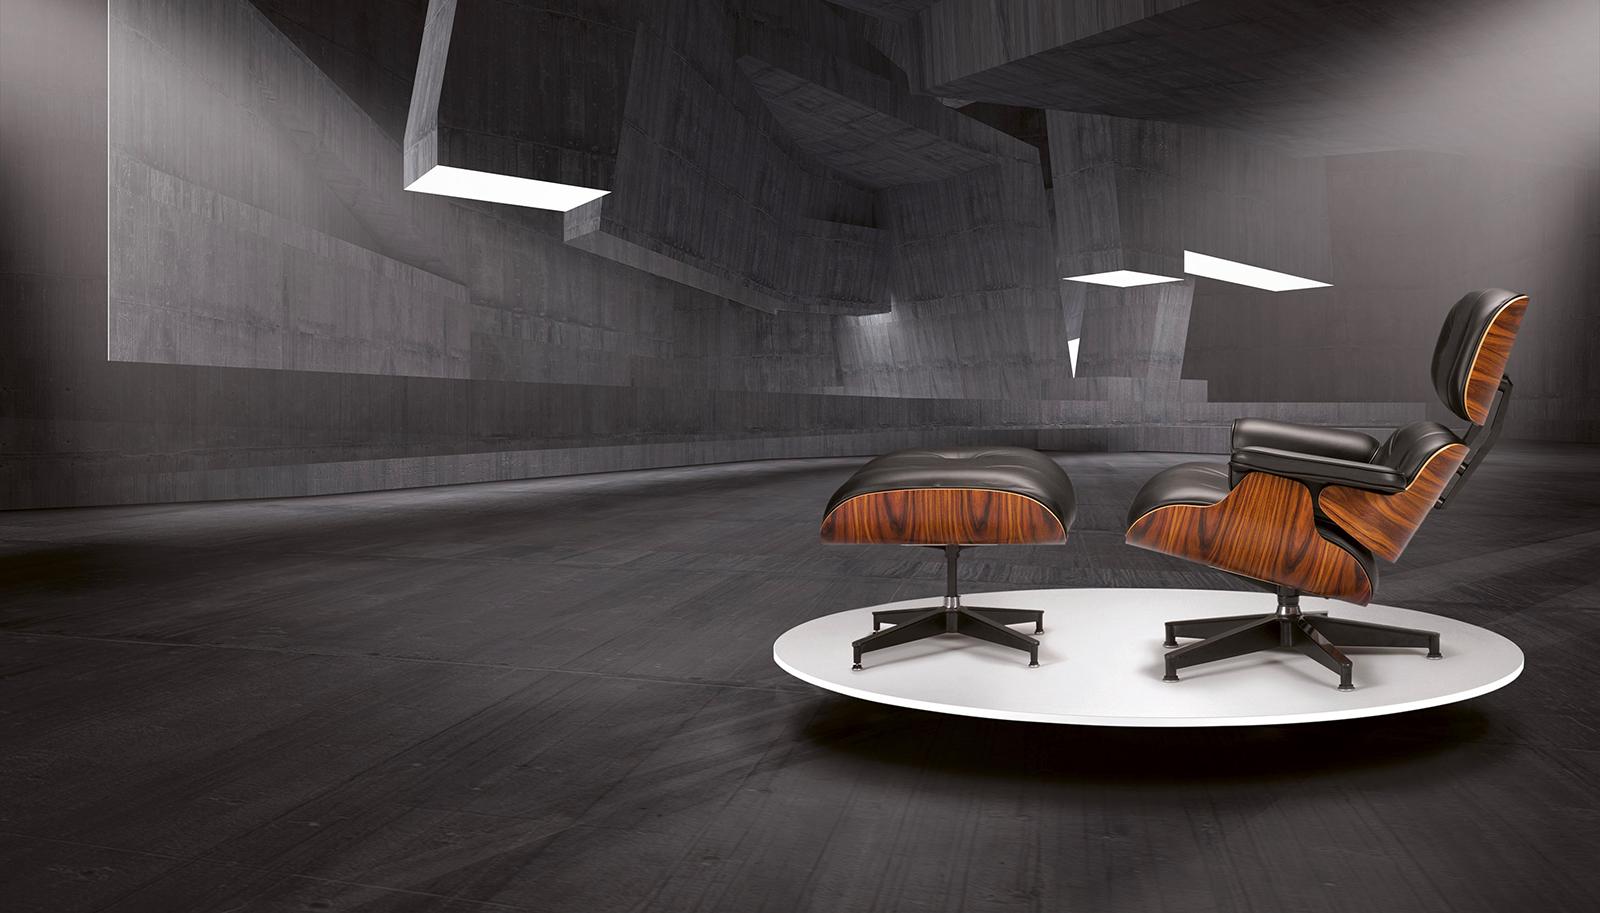 PhotoRobot TURNING PLATFORM - furniture photography